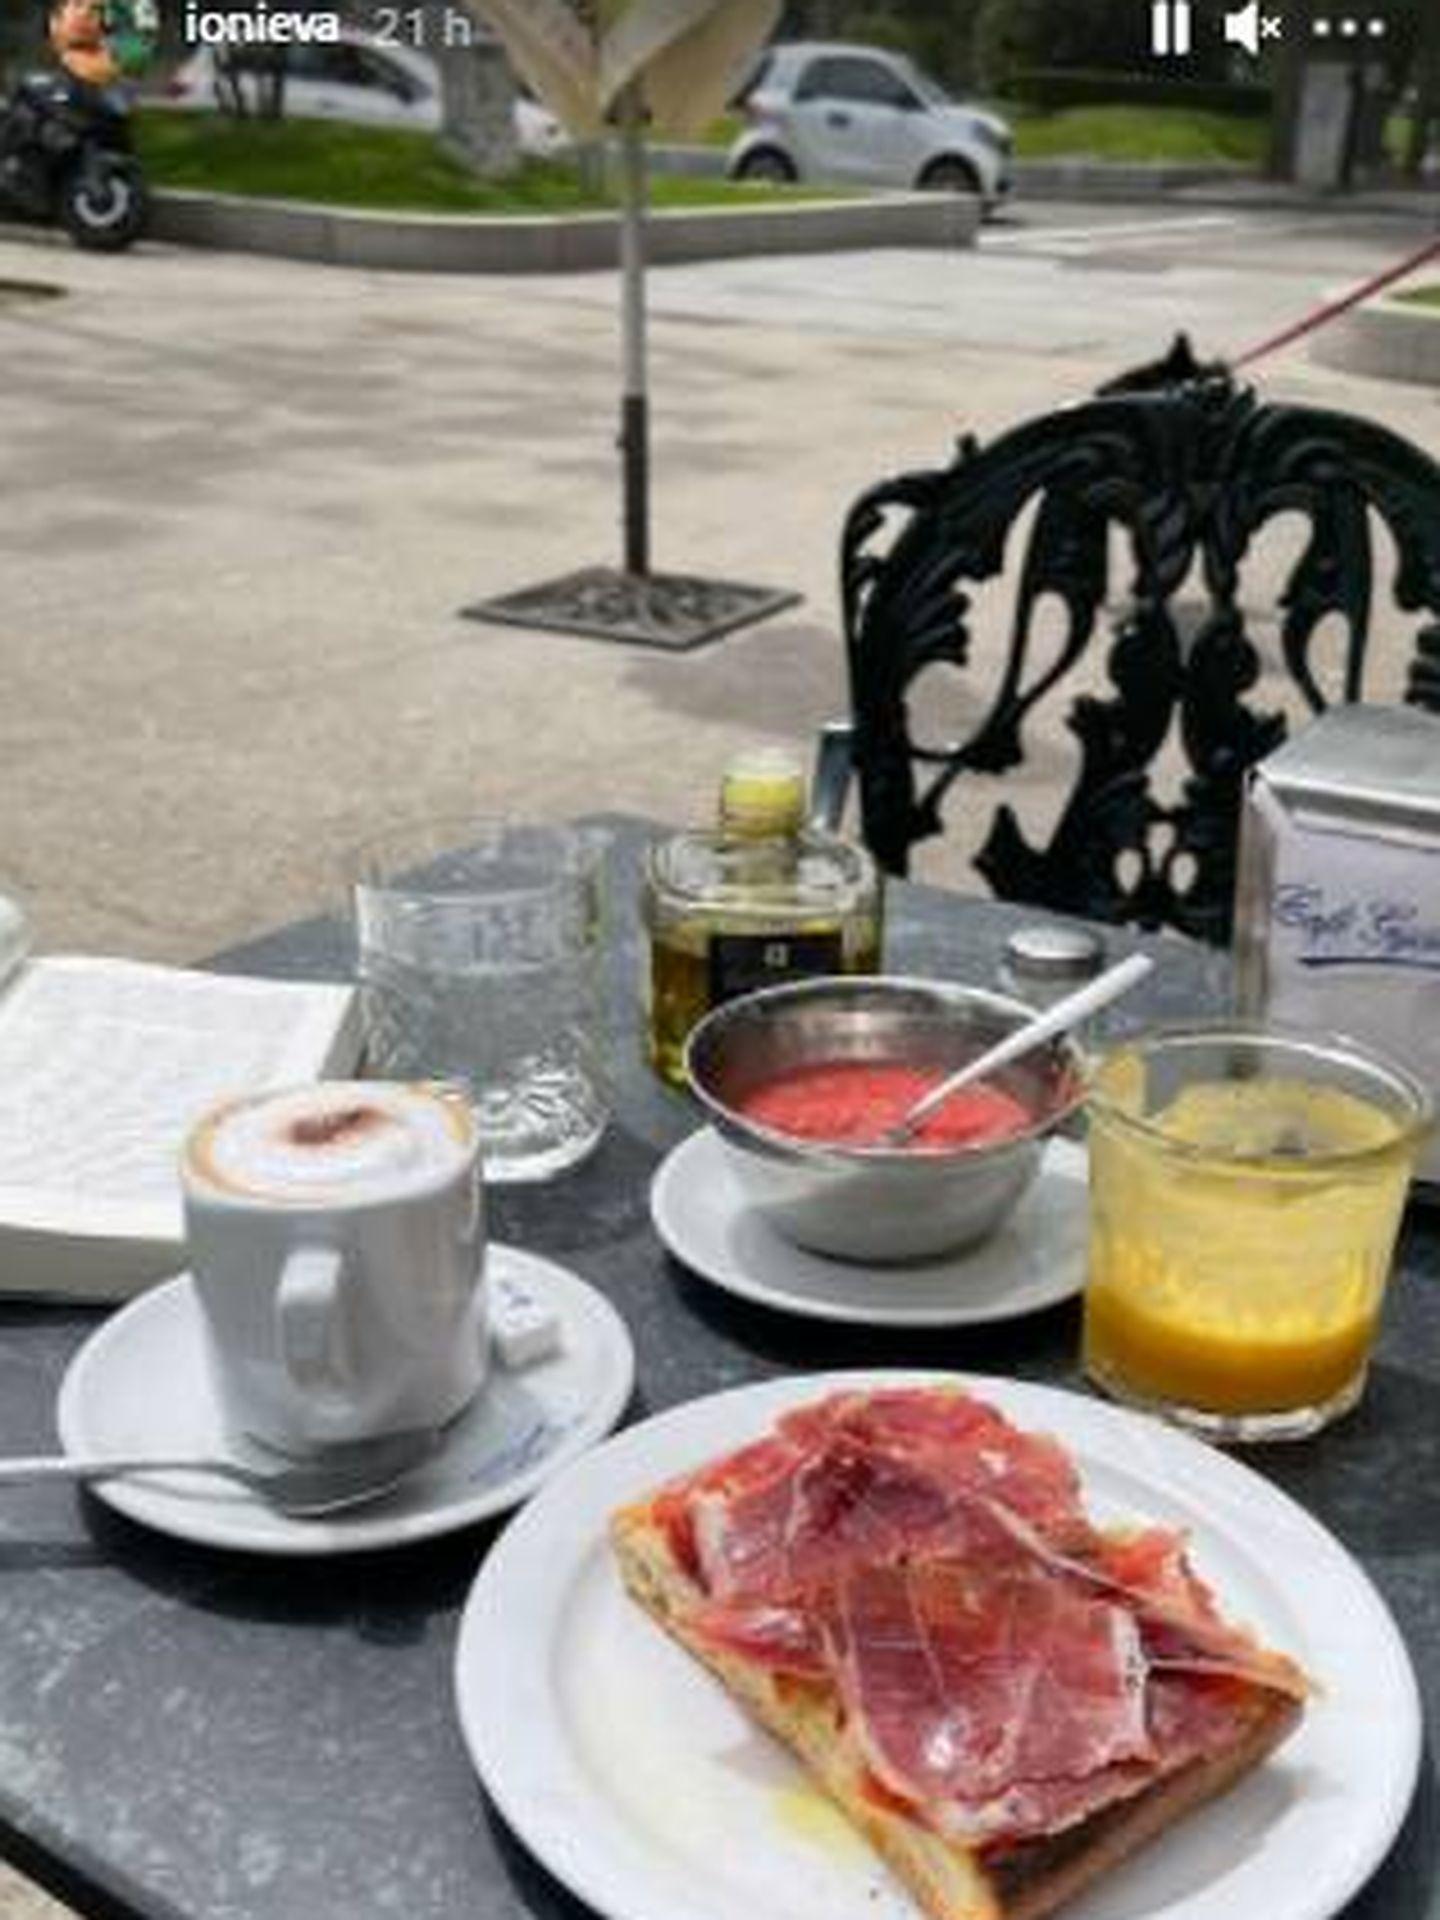 El desayuno que ha disfrutado Íñigo Onieva en compañía de Tamara Falcó. (IG)